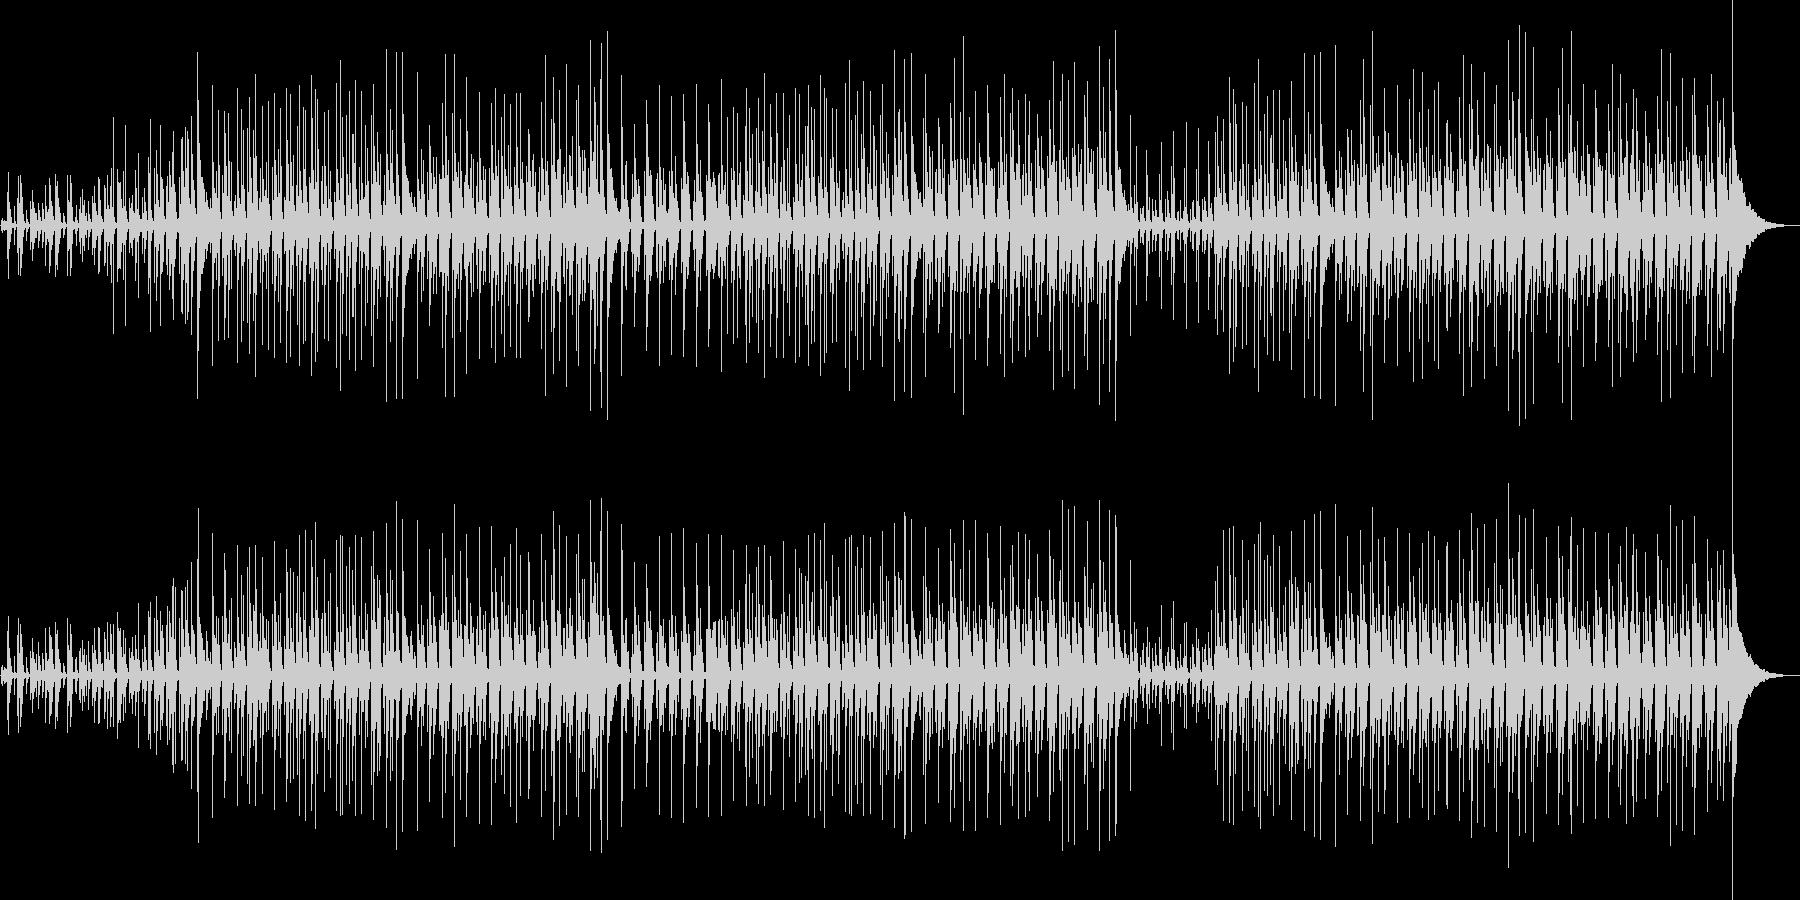 フォークの雰囲気漂うインディーポップスの未再生の波形